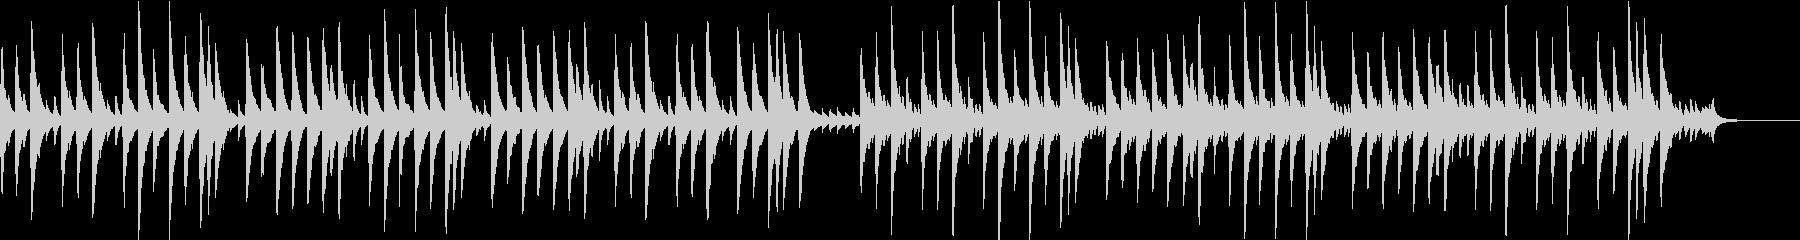 さくらさくらのオルゴールバージョンの未再生の波形